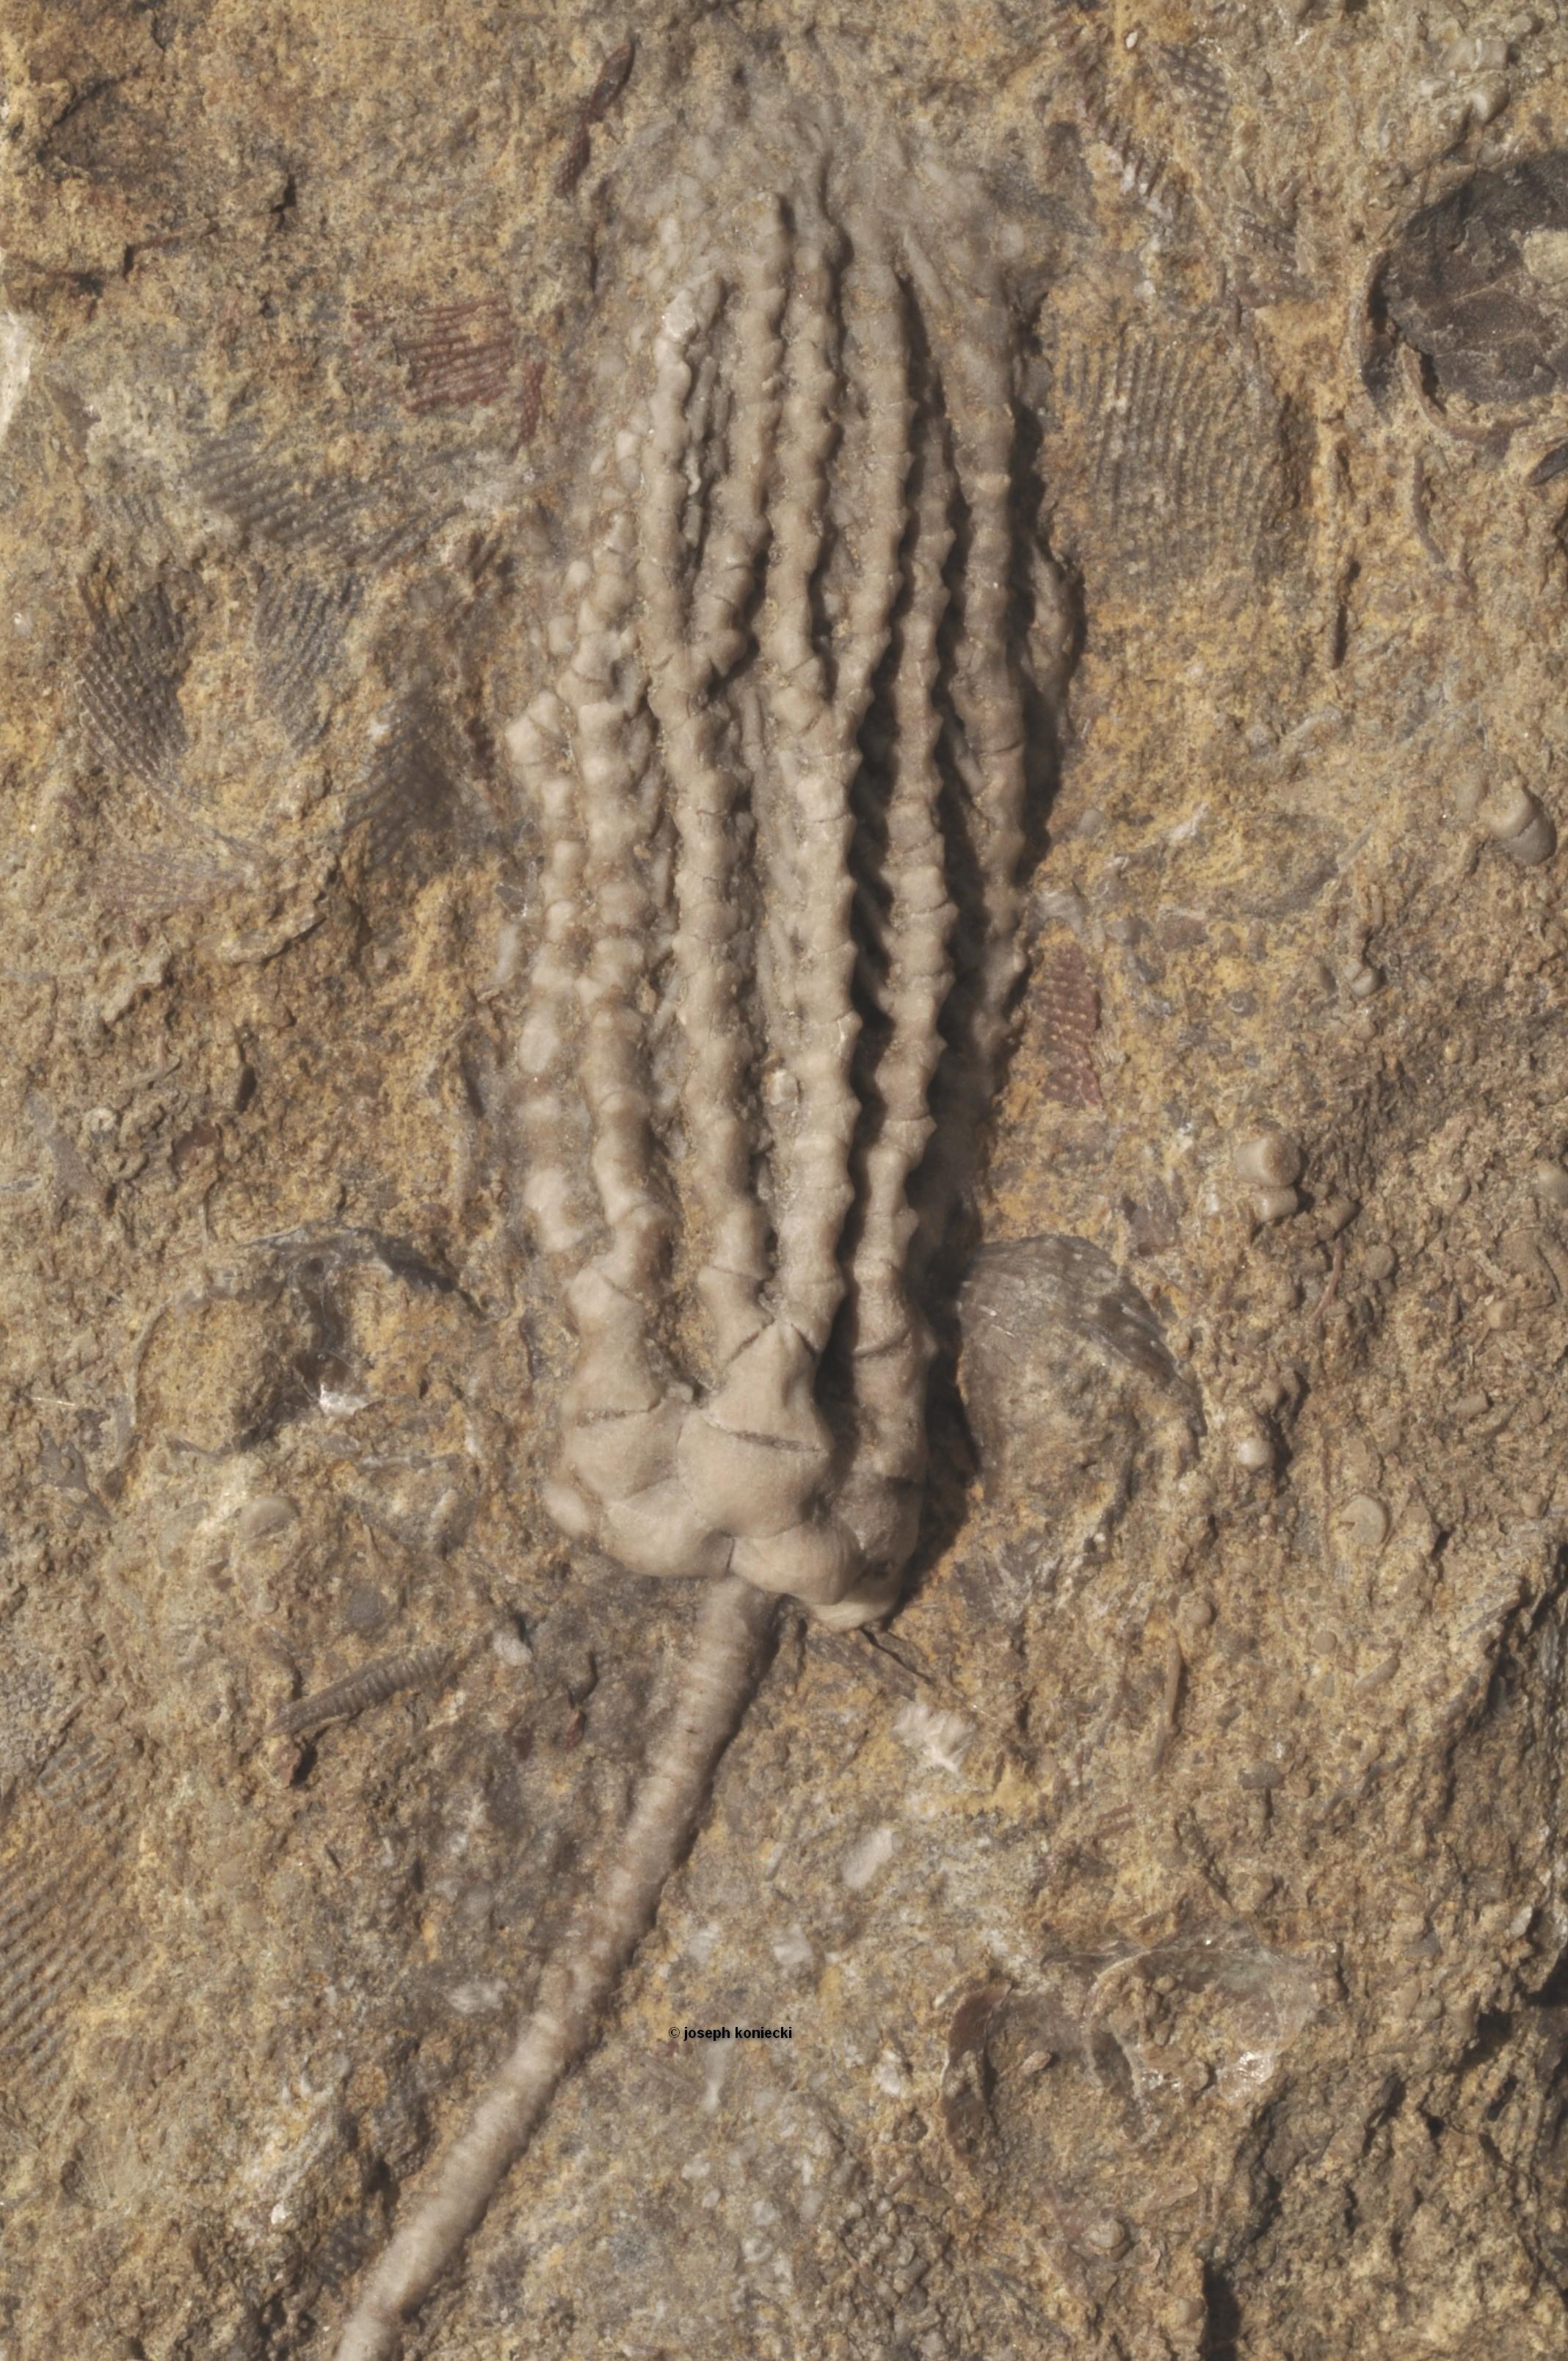 Harmostocrinus